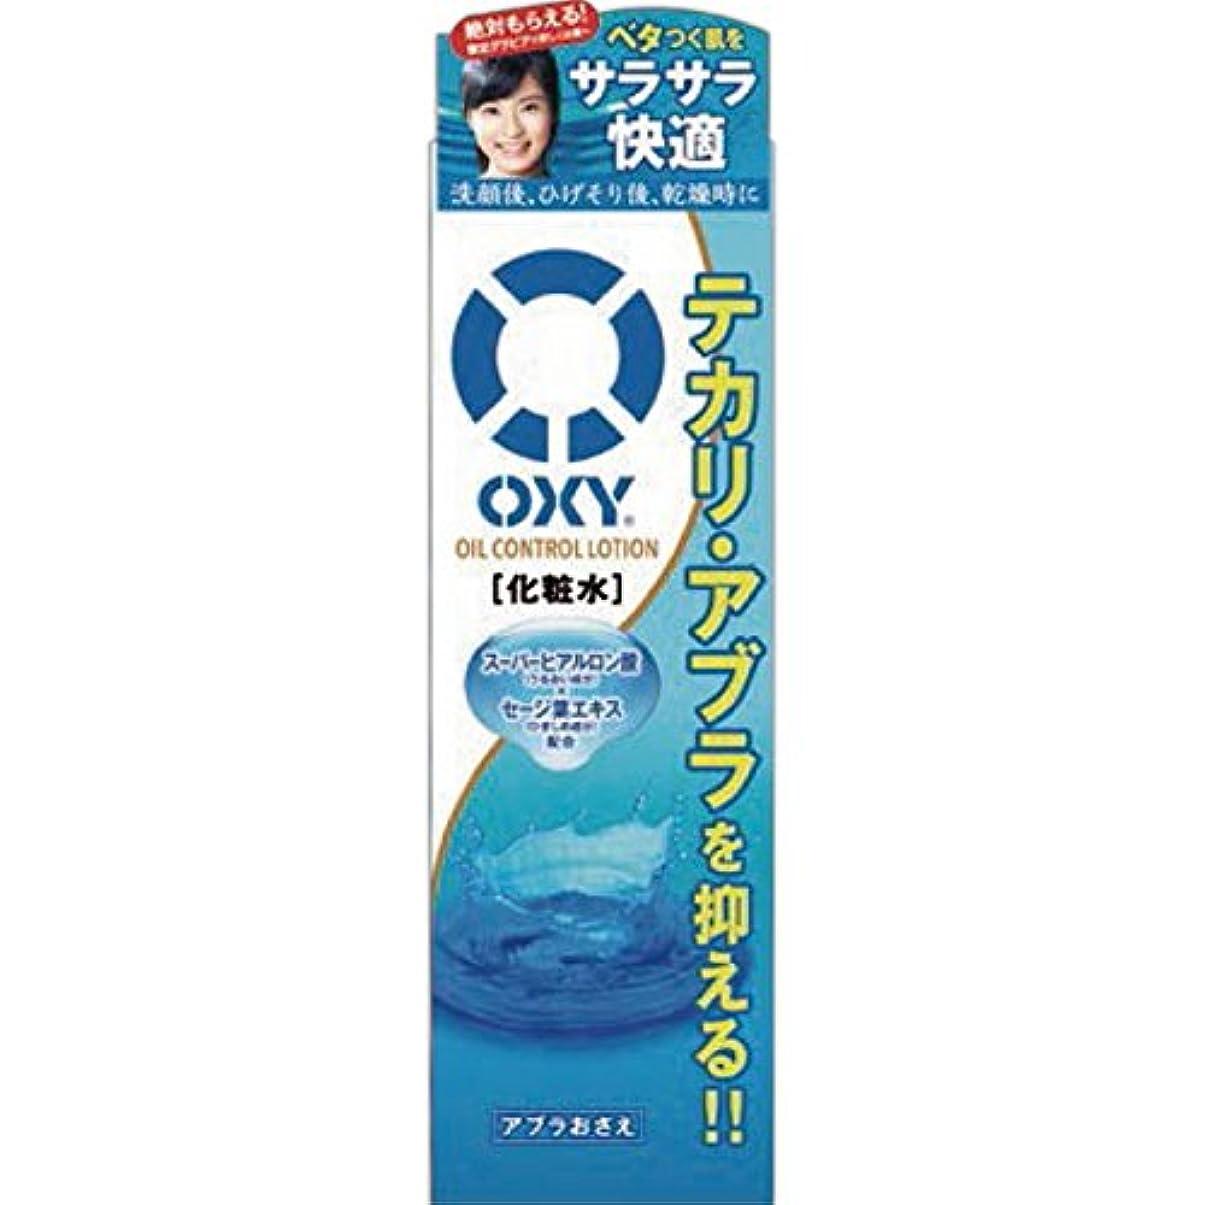 振り返る水銀のもつれオキシー (Oxy) オイルコントロールローション スーパーヒアルロン酸×セージ葉エキス配合 ゼラニウムの香 170mL